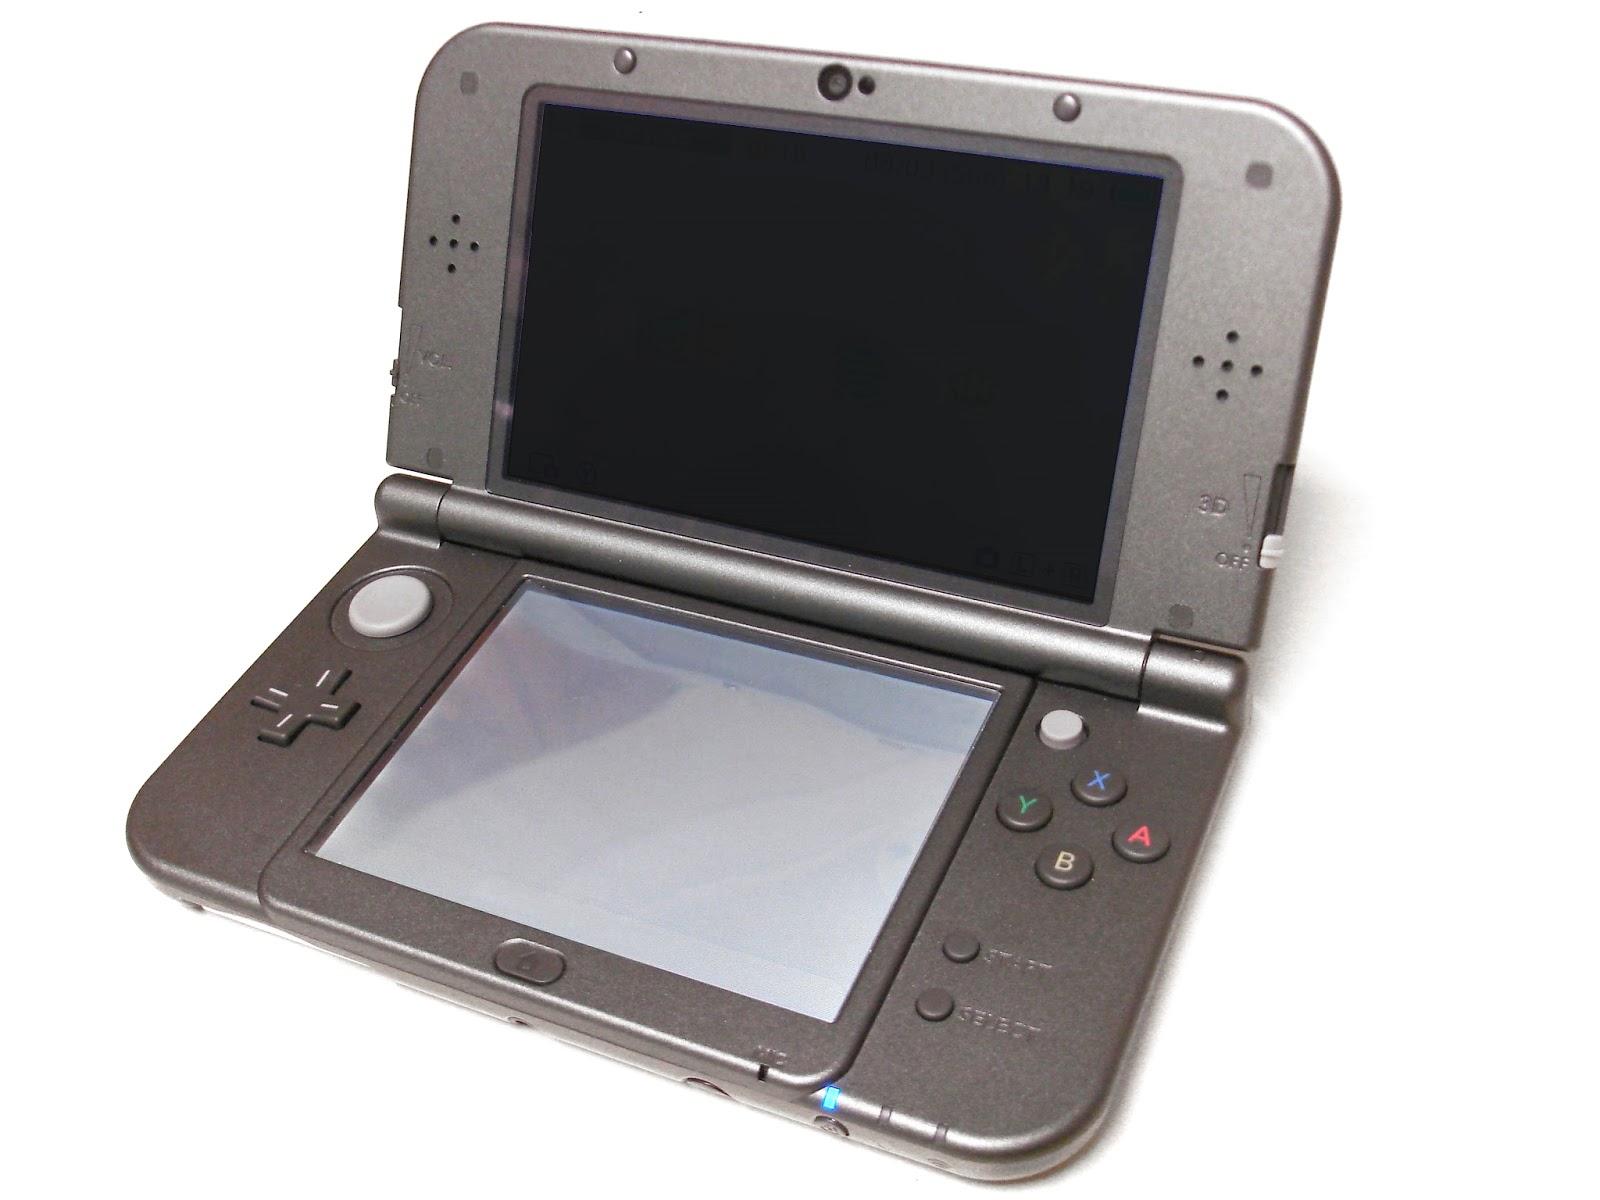 Imagen con la consola portátil de Nintendo: Nintendo New 3DS, 2015, Fotografía: Ejay (cc:by-sa)